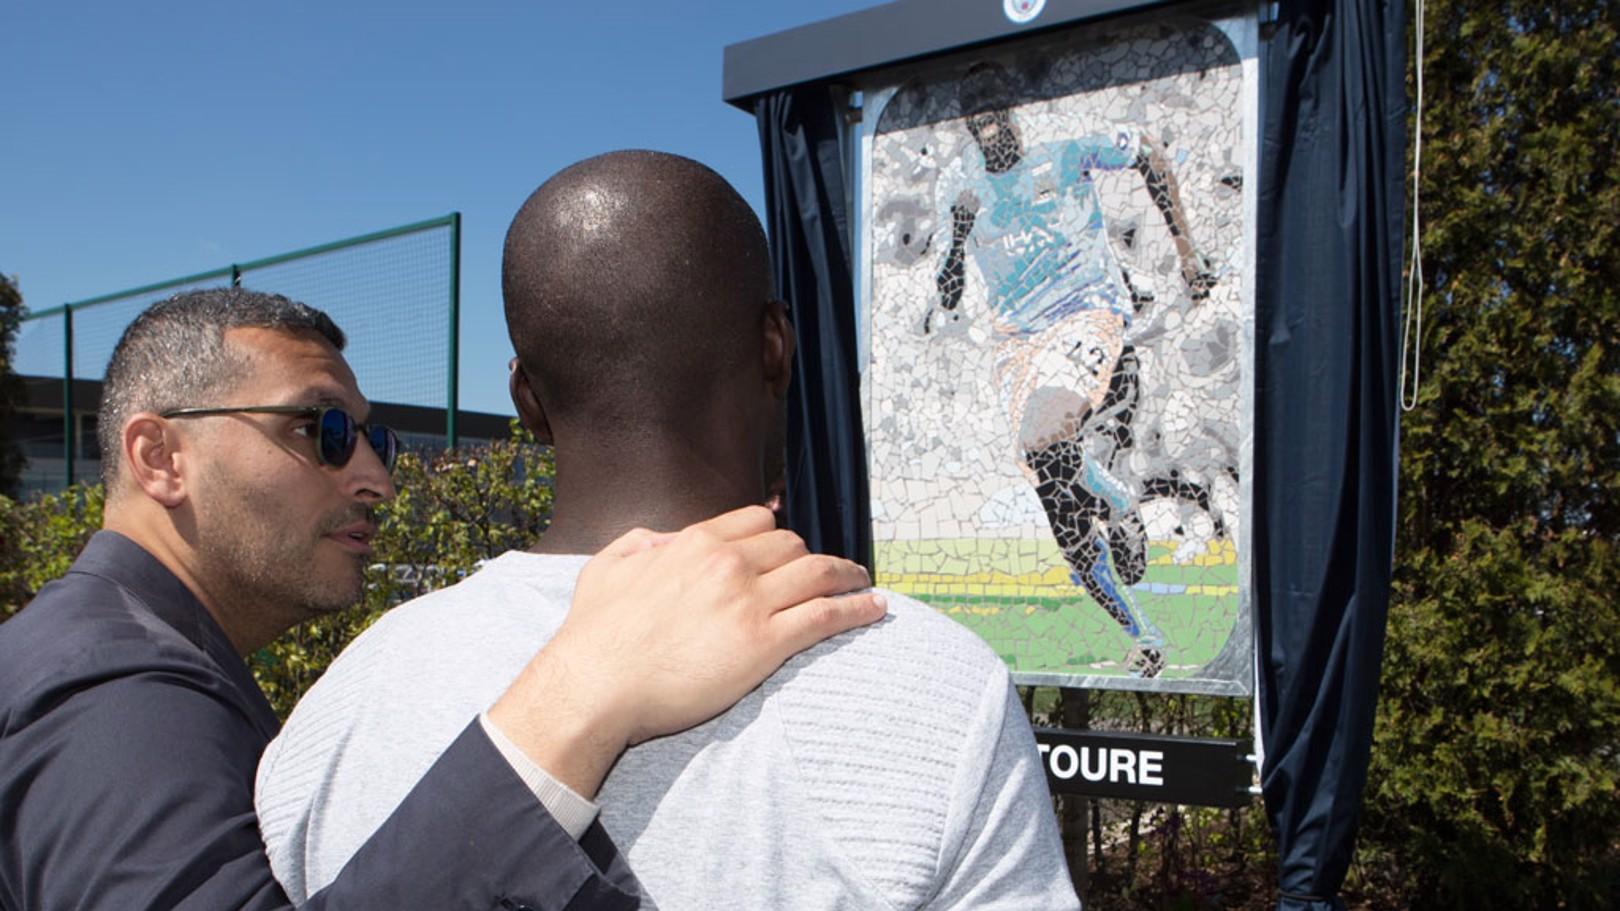 الرئيس خلدون المبارك كشف عن اللوحة الخاصة بيايا توريه في أكاديمية السيتي لكرة القدم.